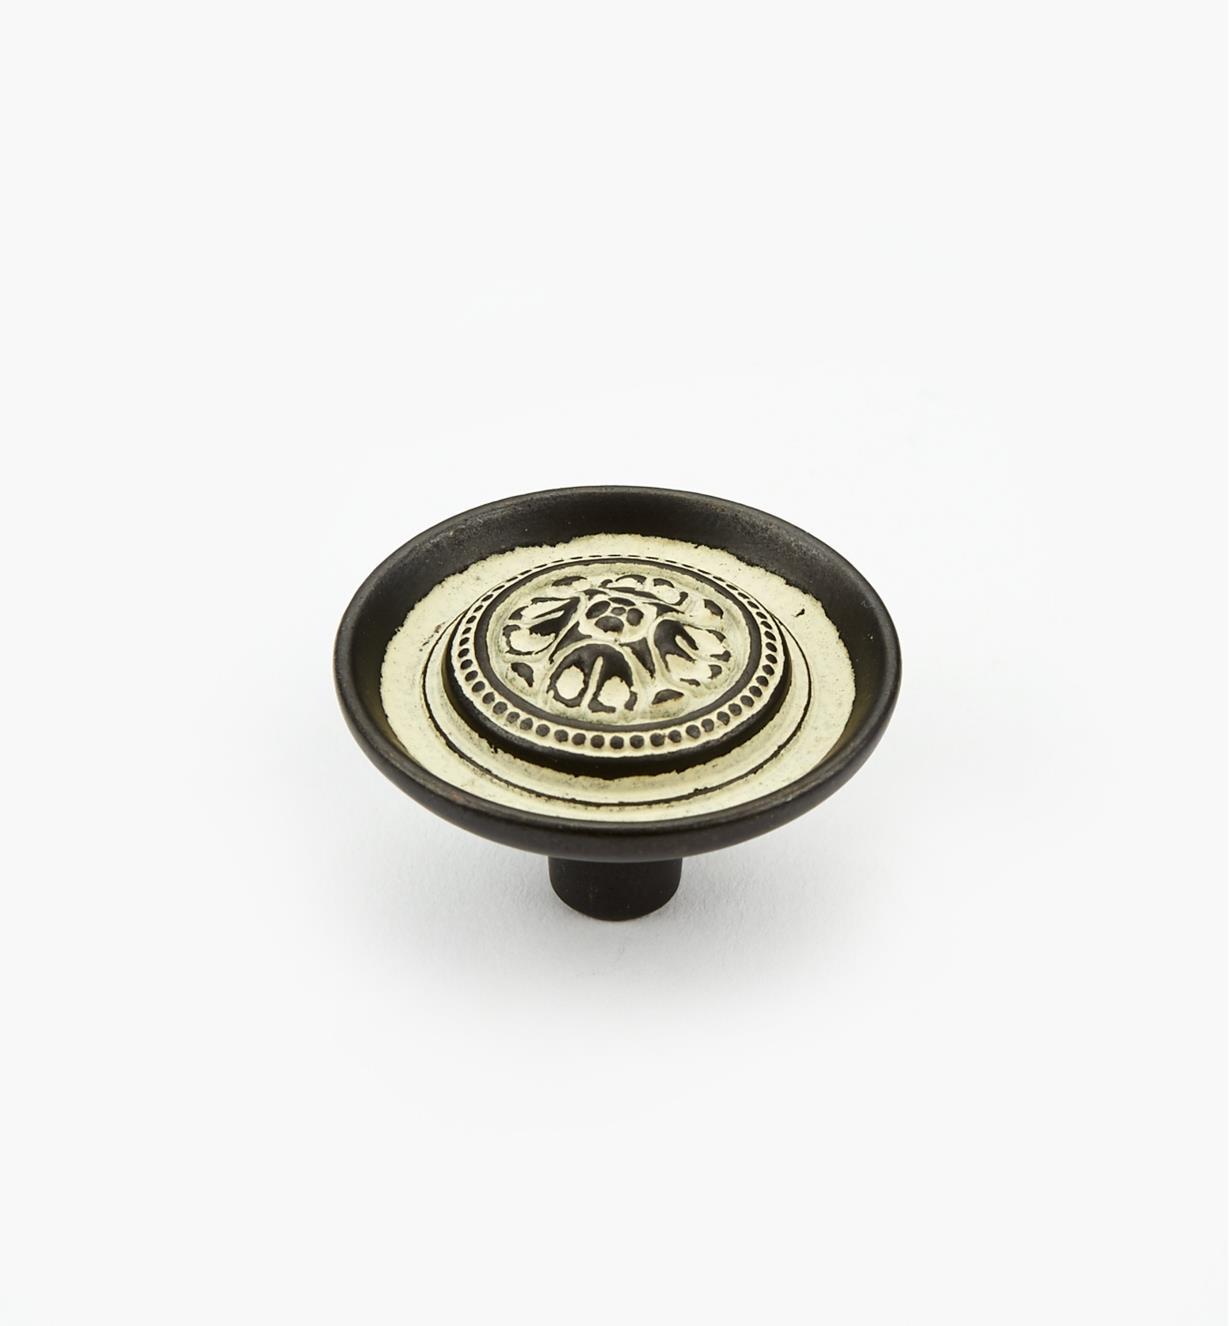 03W2827 - Bouton décoratif Biscayne, antique, 11/2po